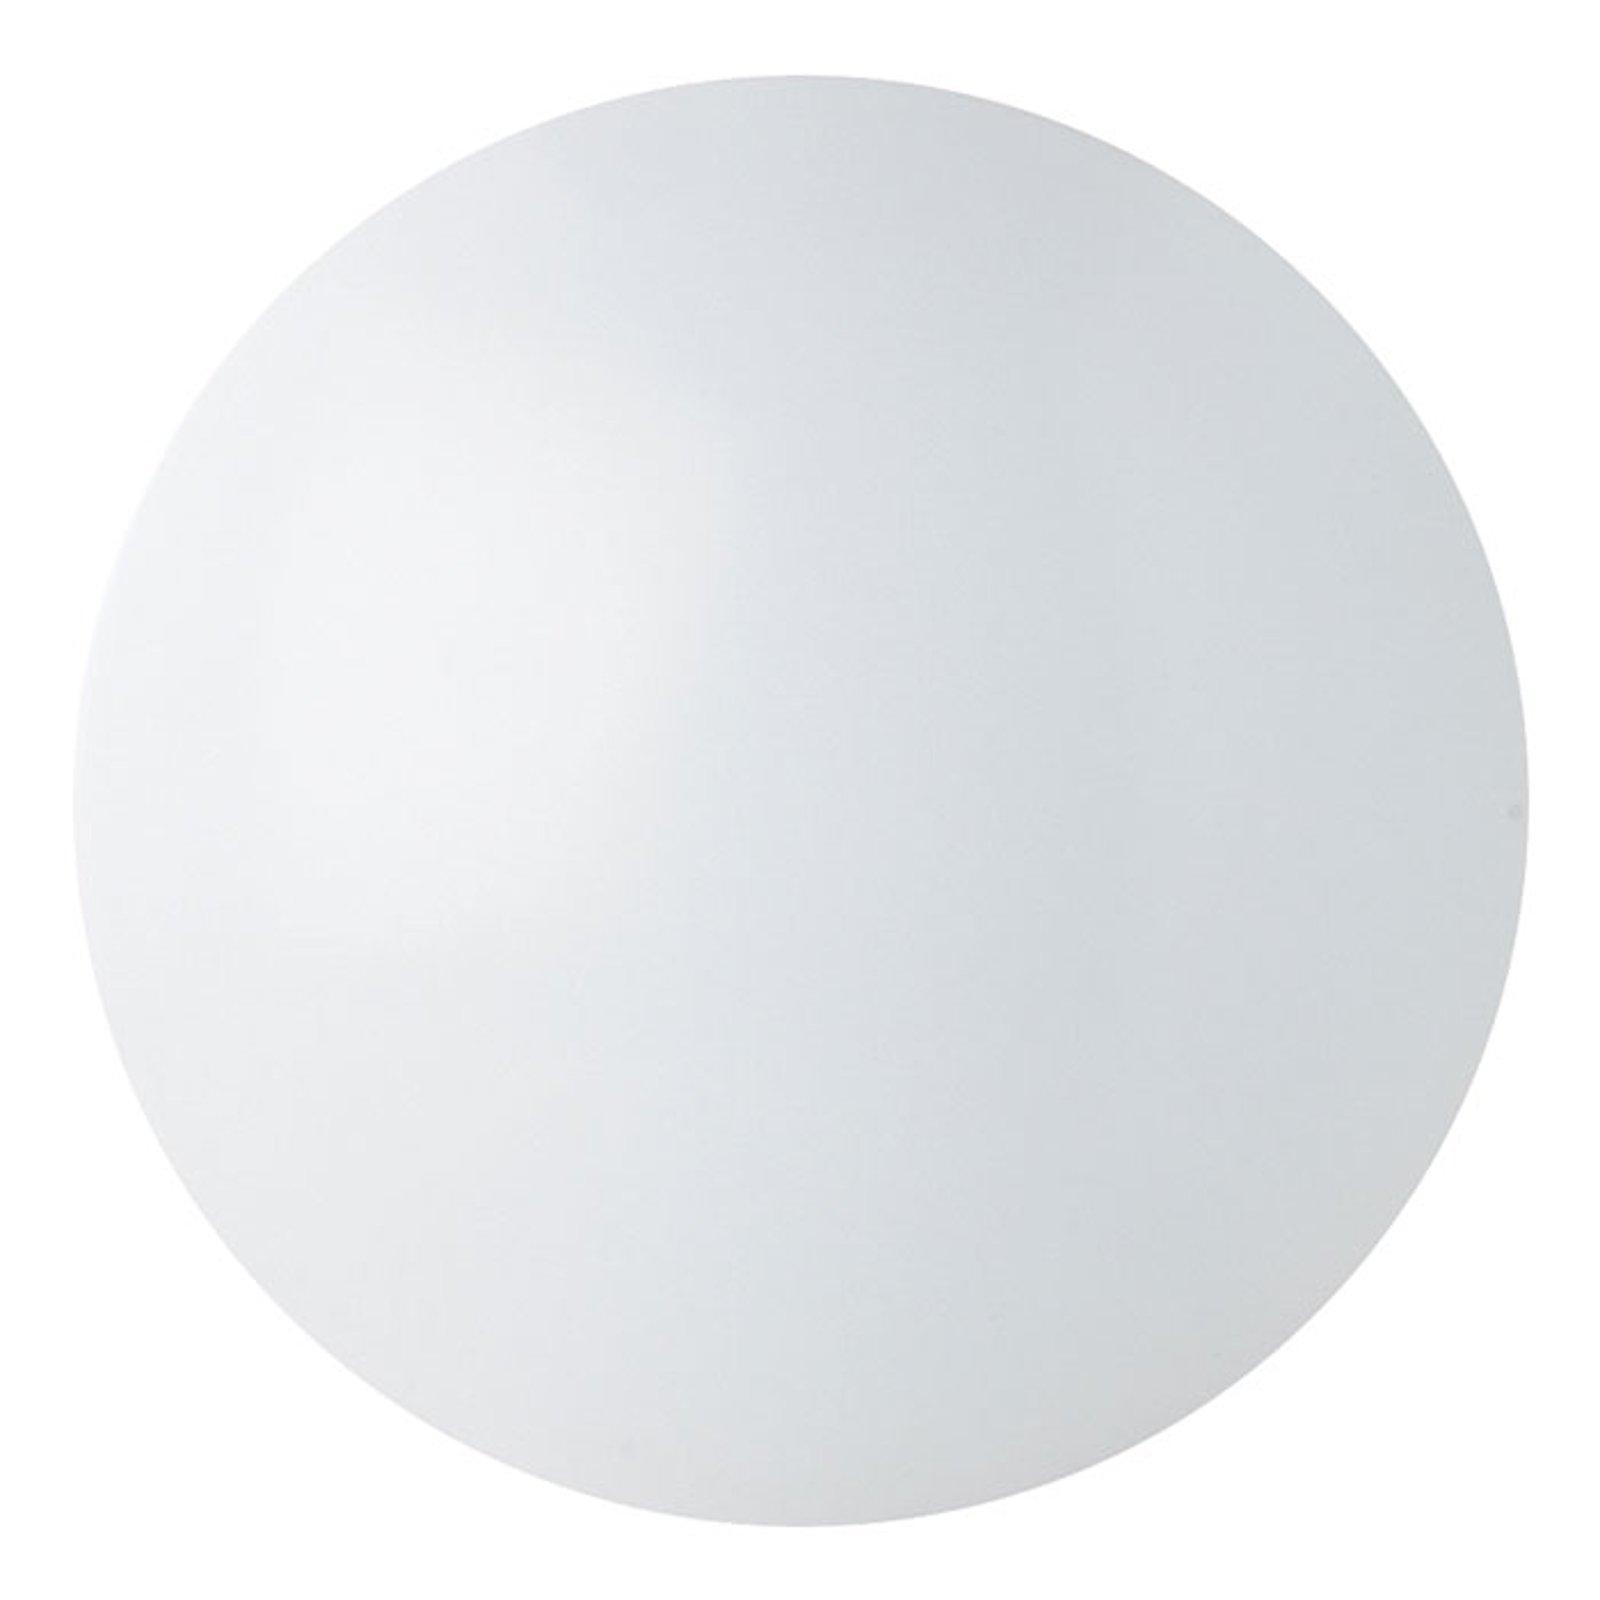 Renzo rund LED taklampe 39 cm, 4 000 K